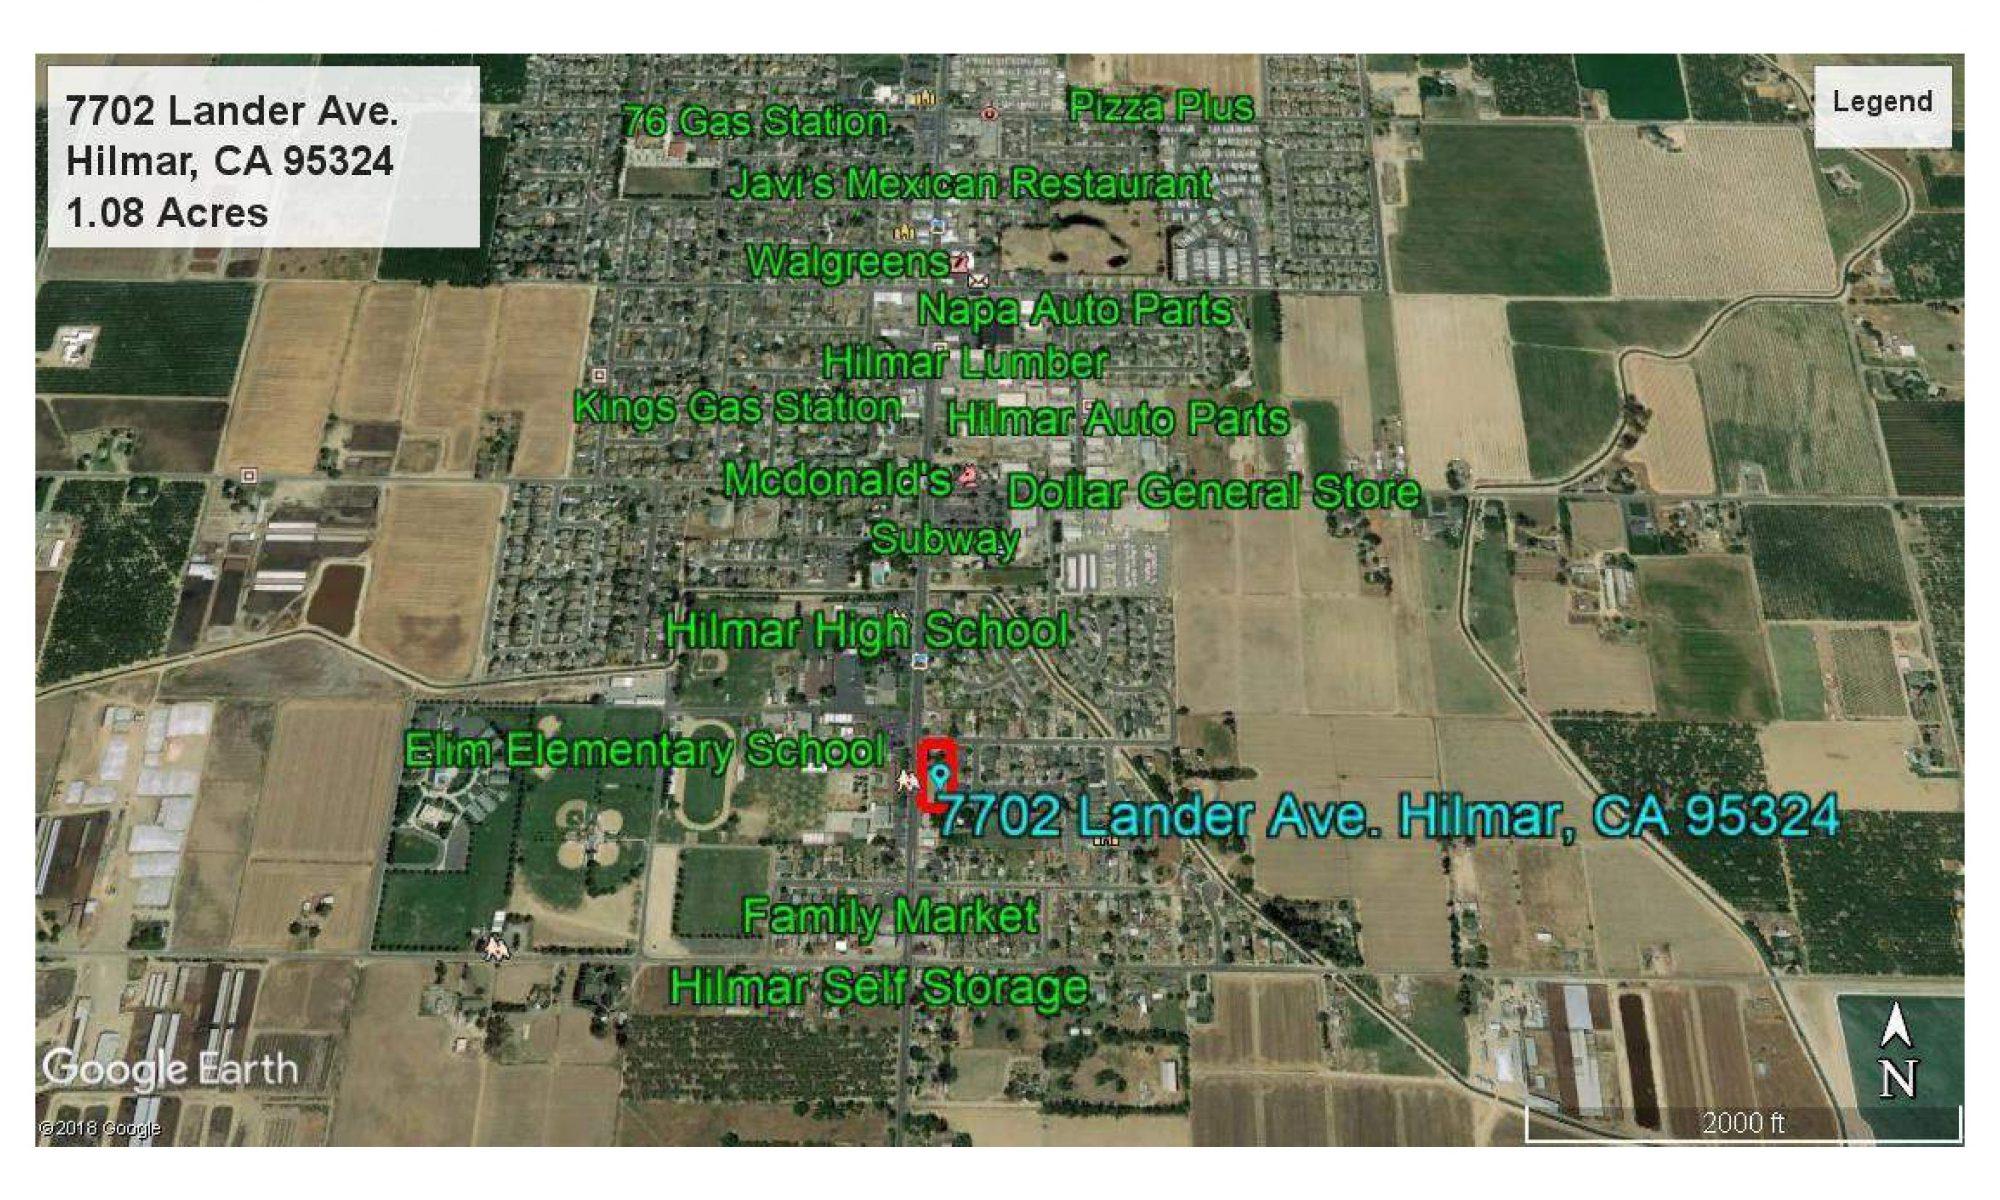 Charmant 7702 LANDER AVE Hilmar Land For Sale, 1ac, 2 Parcels U2013 Clarence Oliveira,  REALTOR